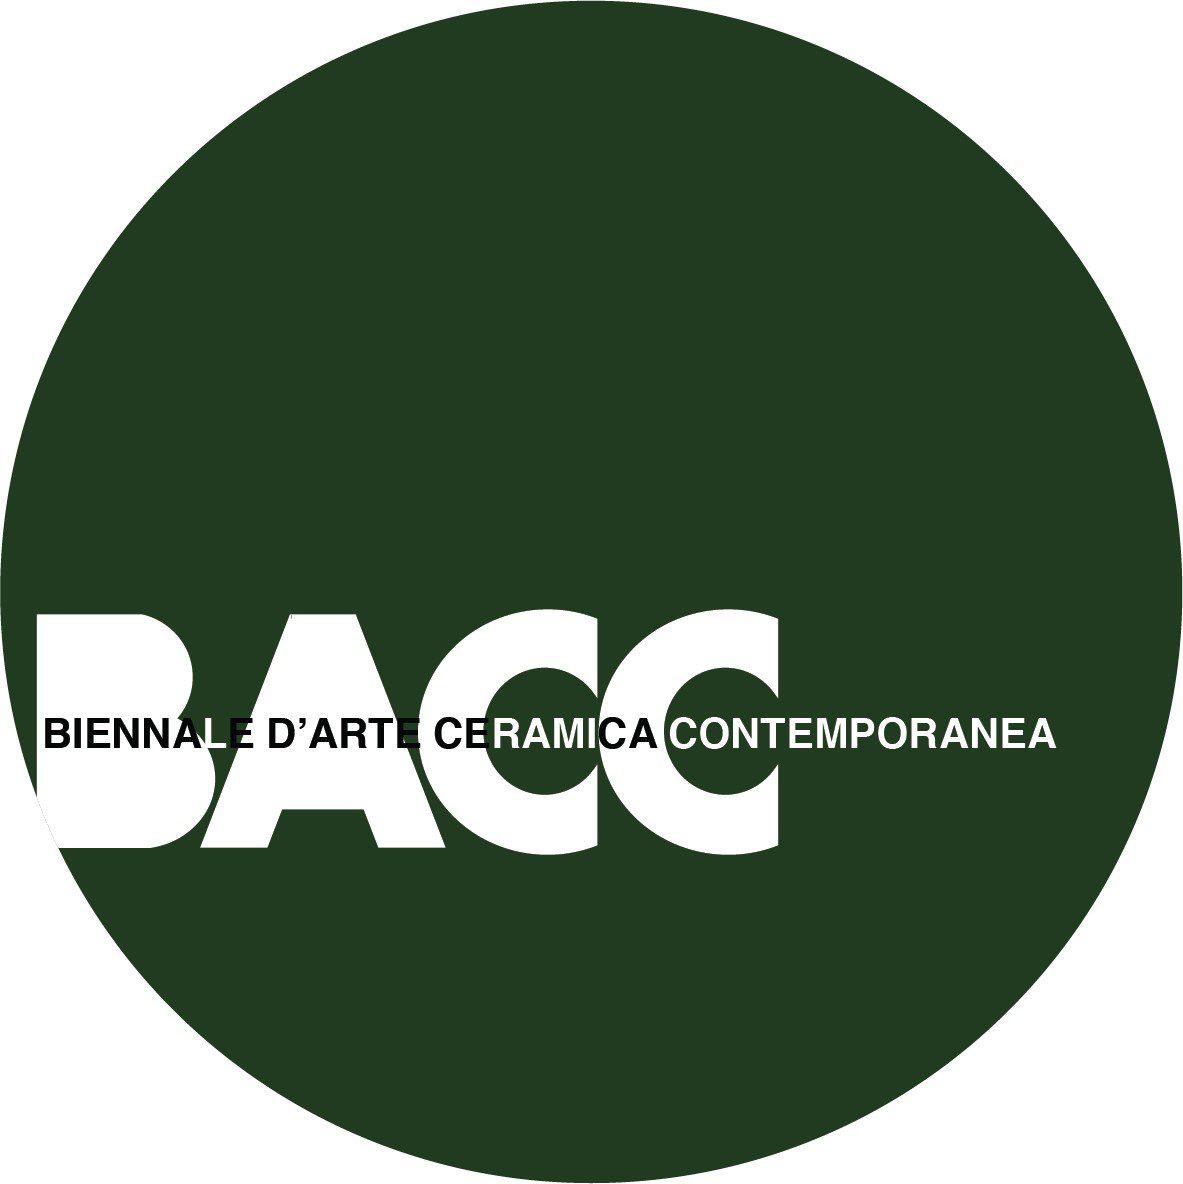 Biennale Arte Ceramica Contemporanea